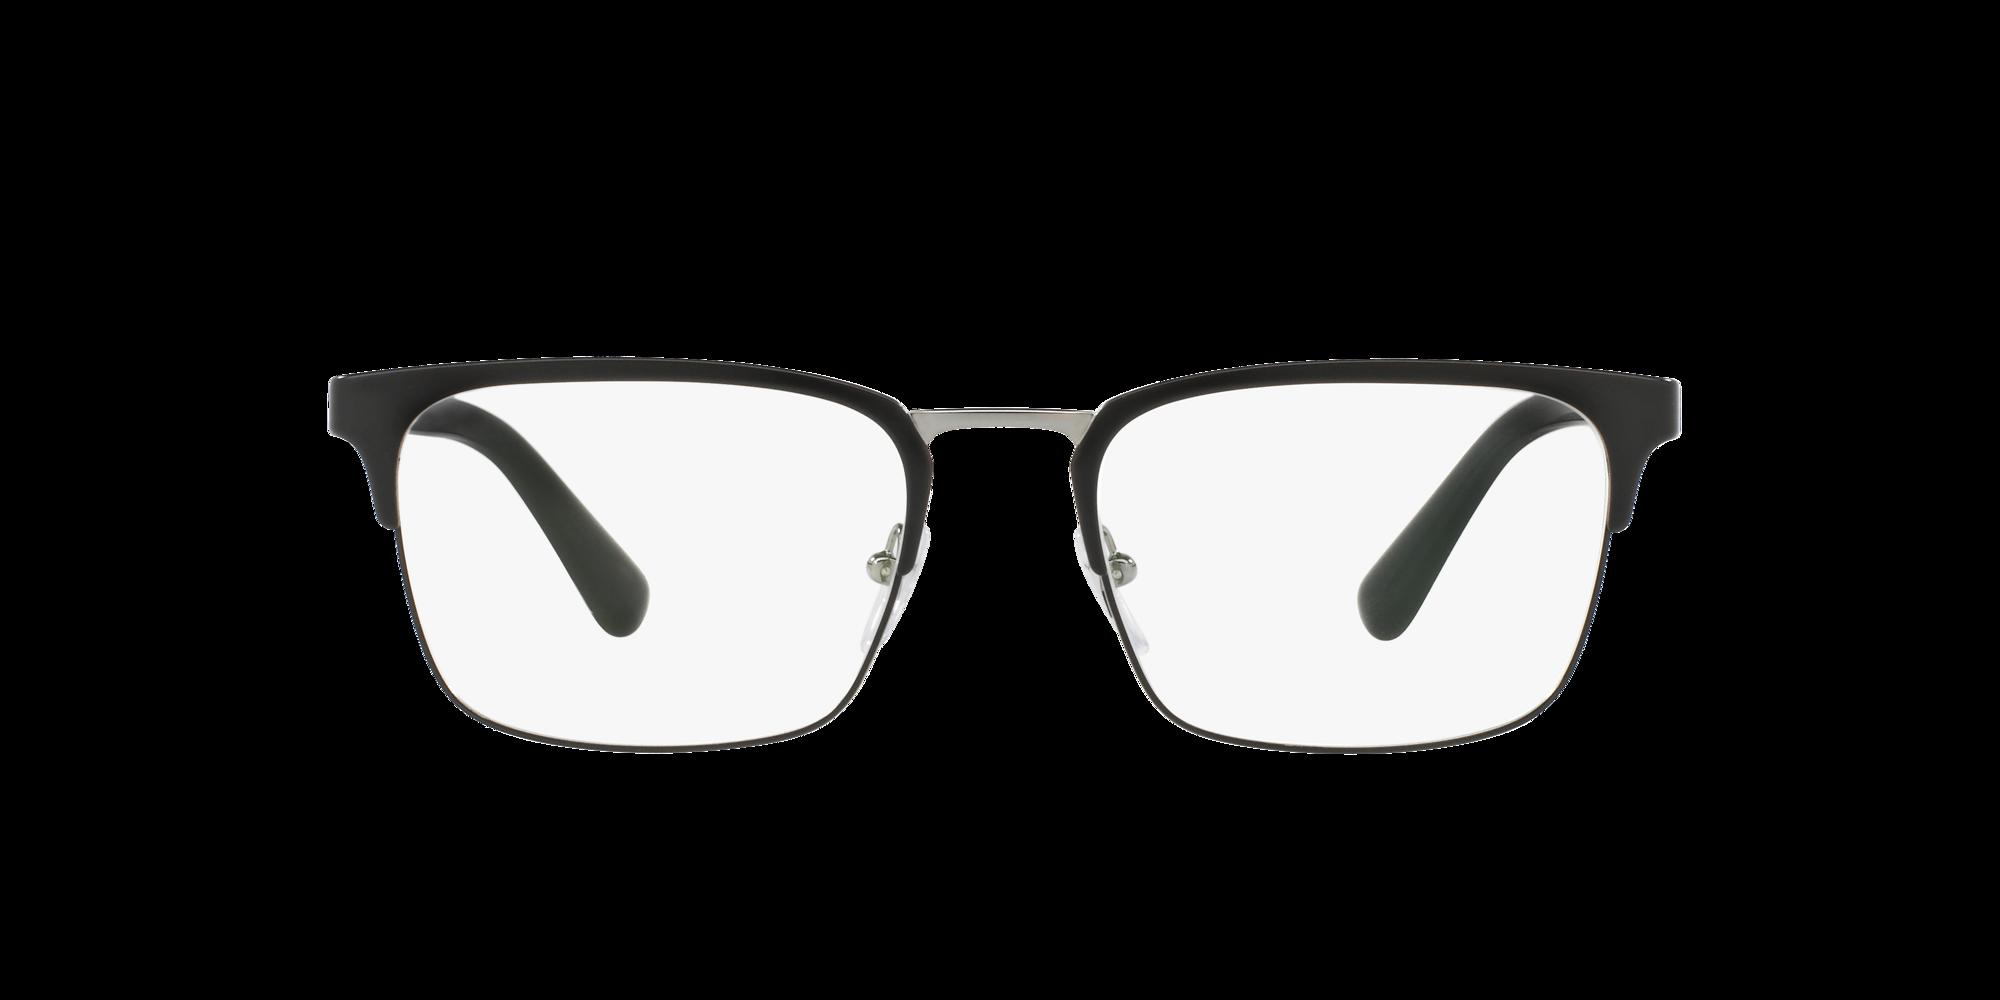 Imagen para PR 54TV de LensCrafters |  Espejuelos, espejuelos graduados en línea, gafas